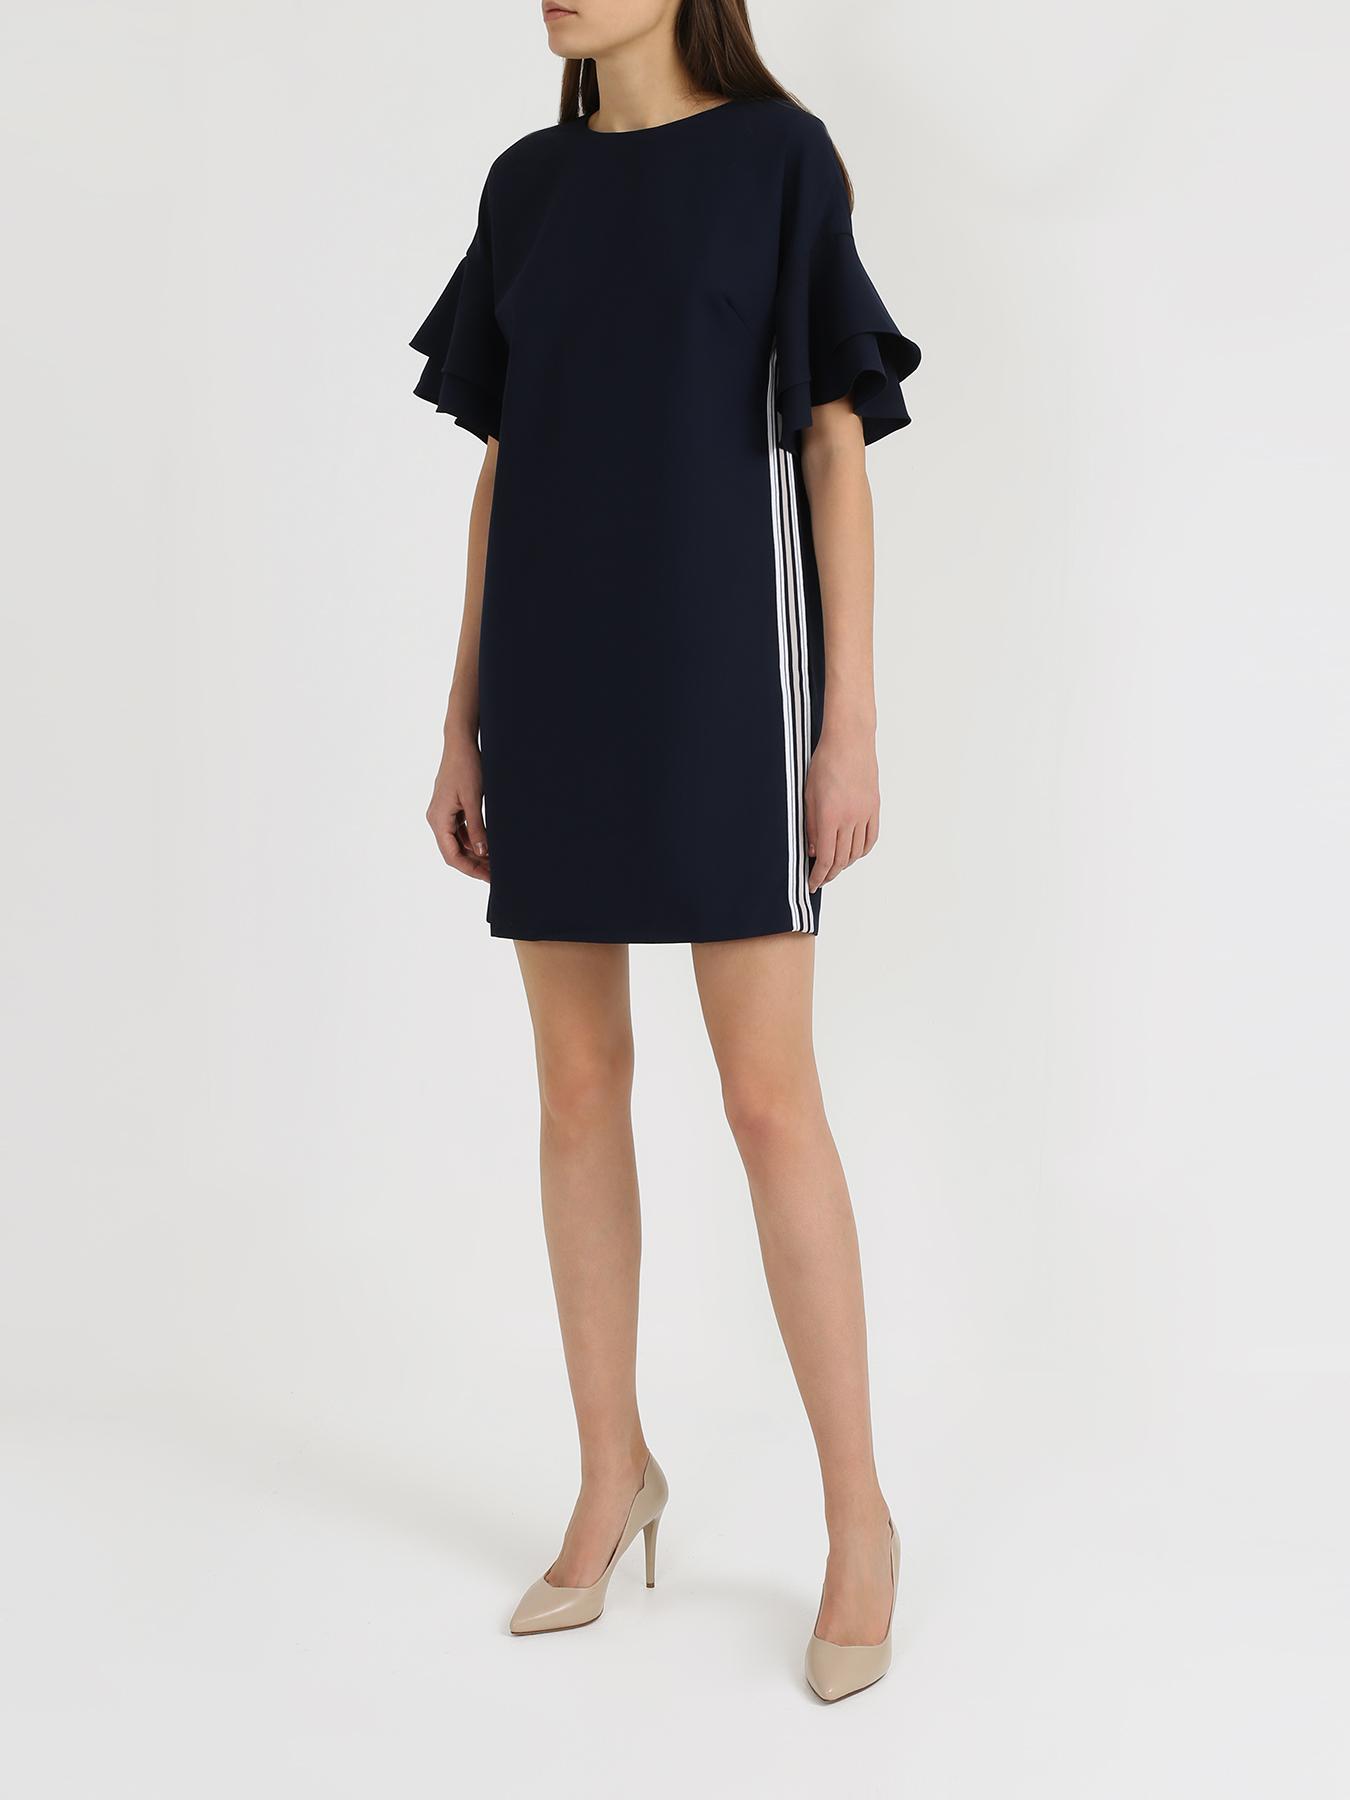 Платье 6 P.M. Платье с полосками по бокам шар матовый серебряный с черными полосками 6 см 6 шт